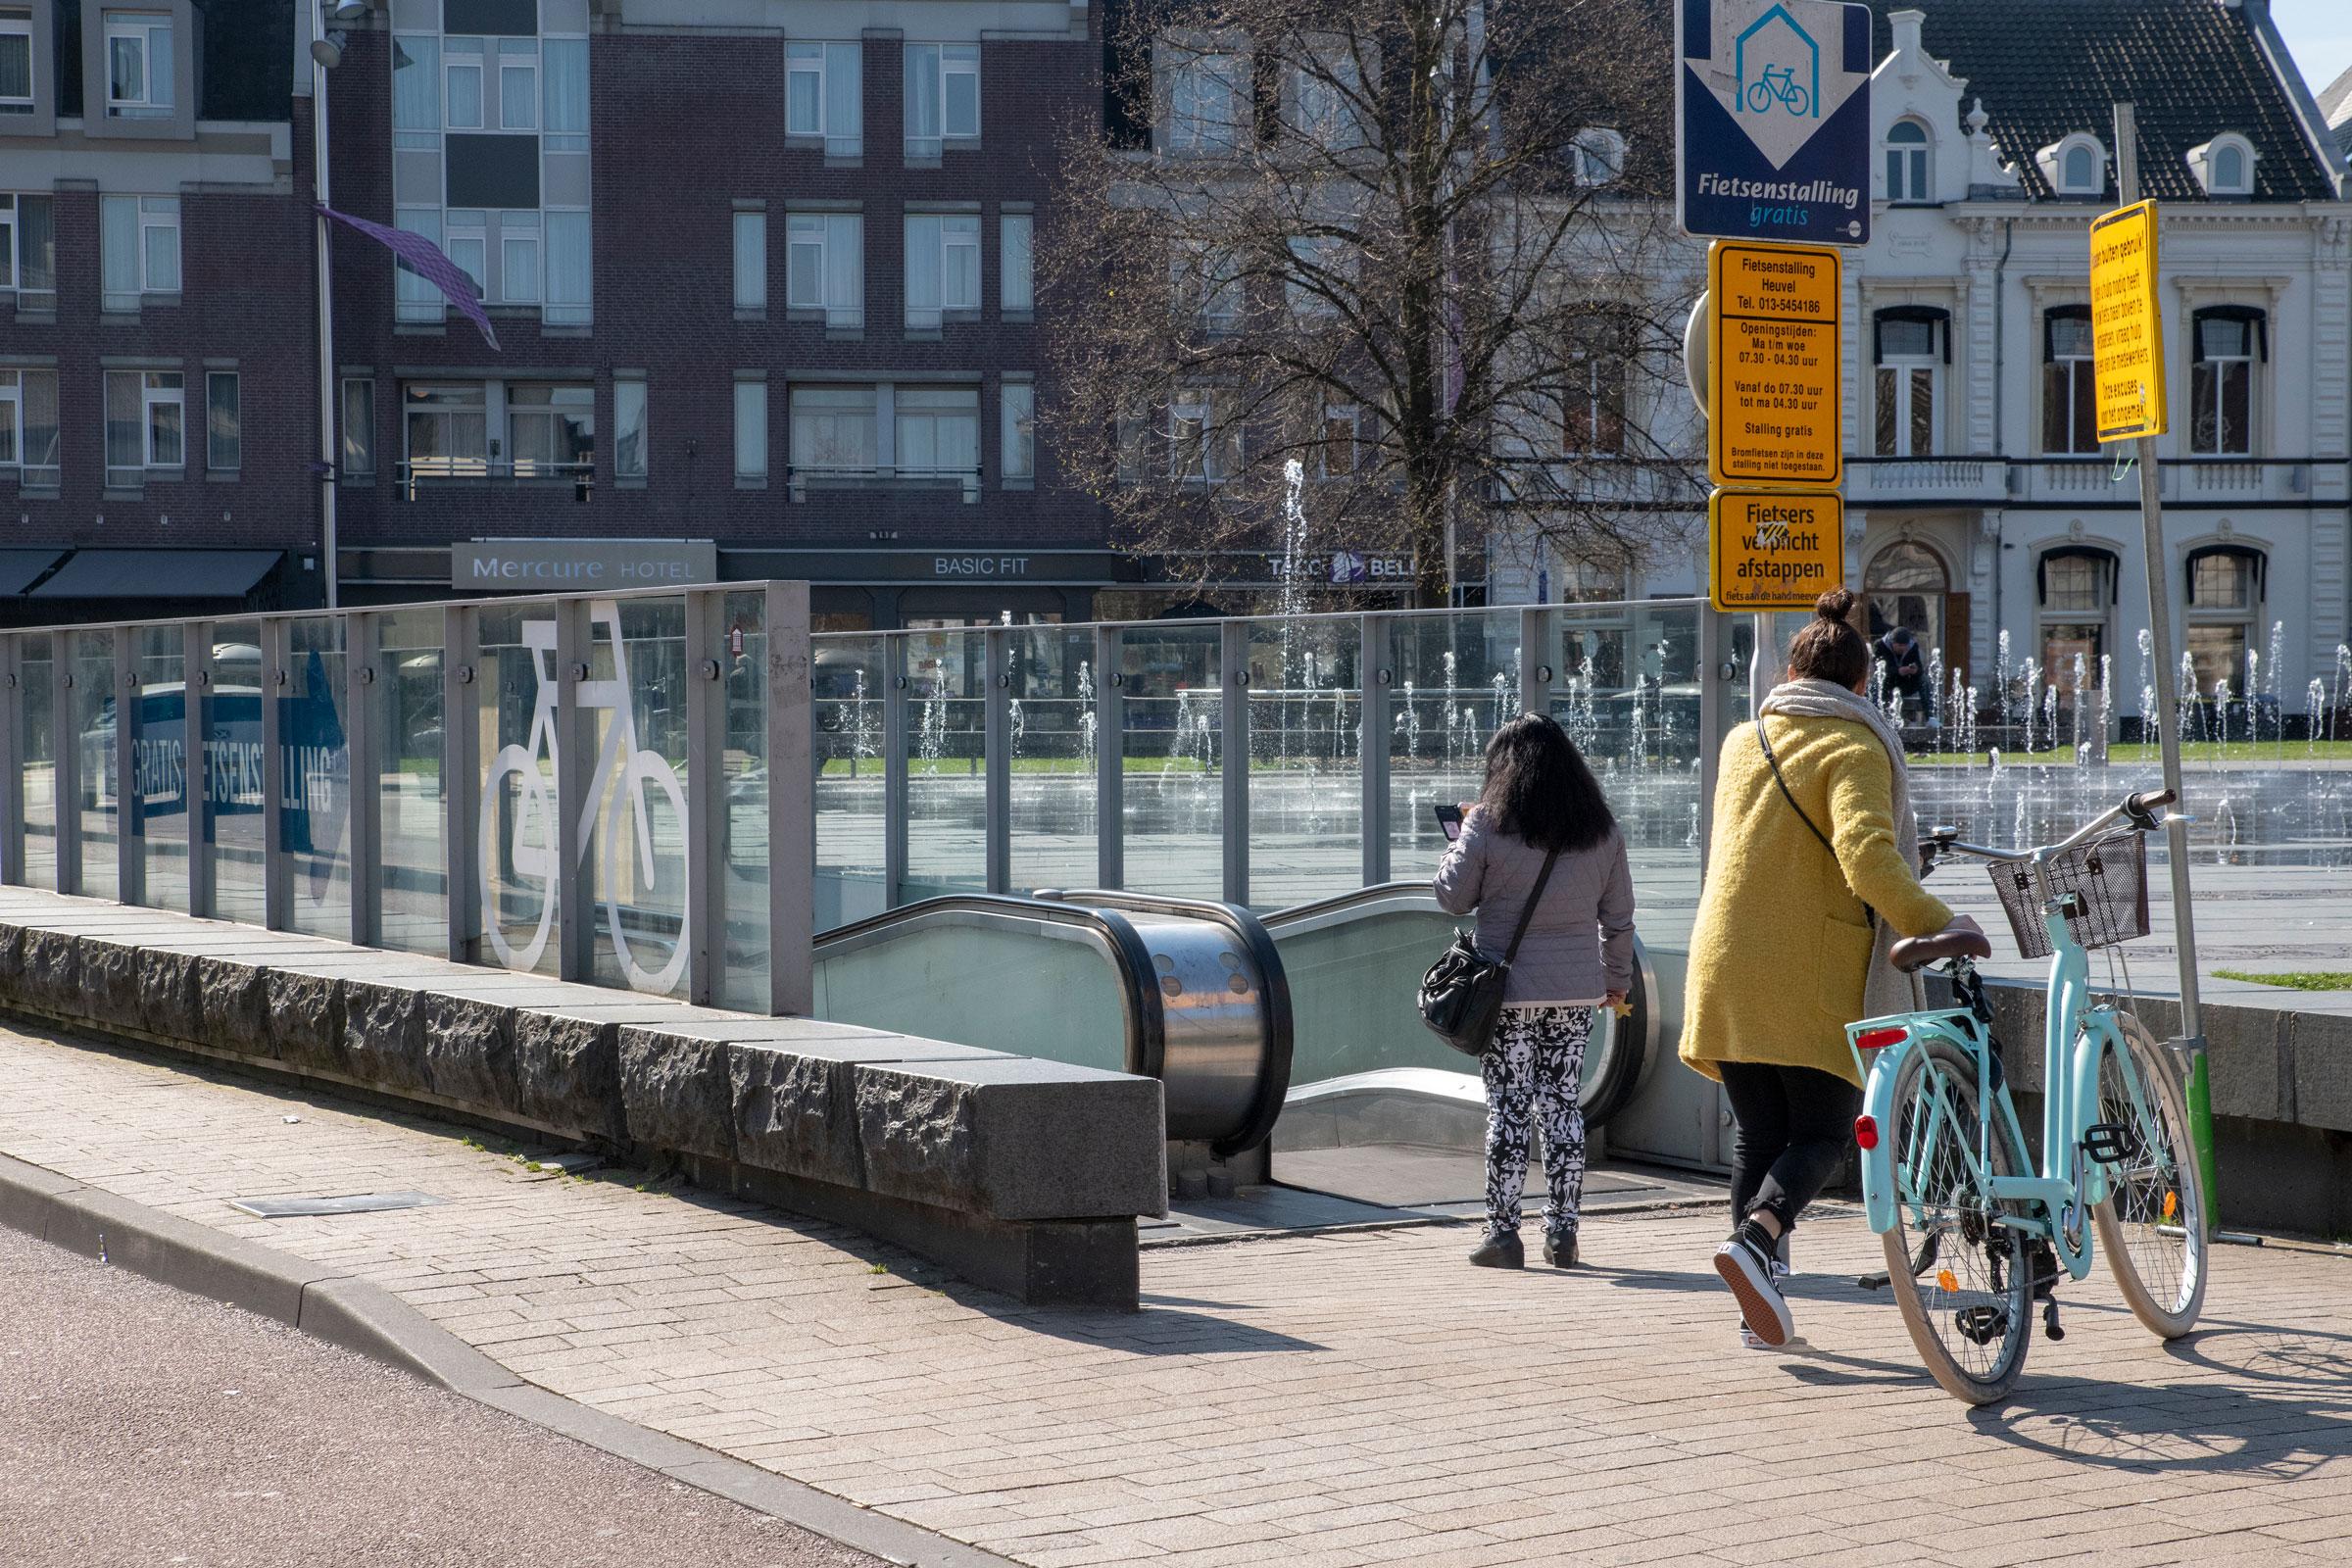 Openingstijden fietsenstallingen Tilburg aangepast